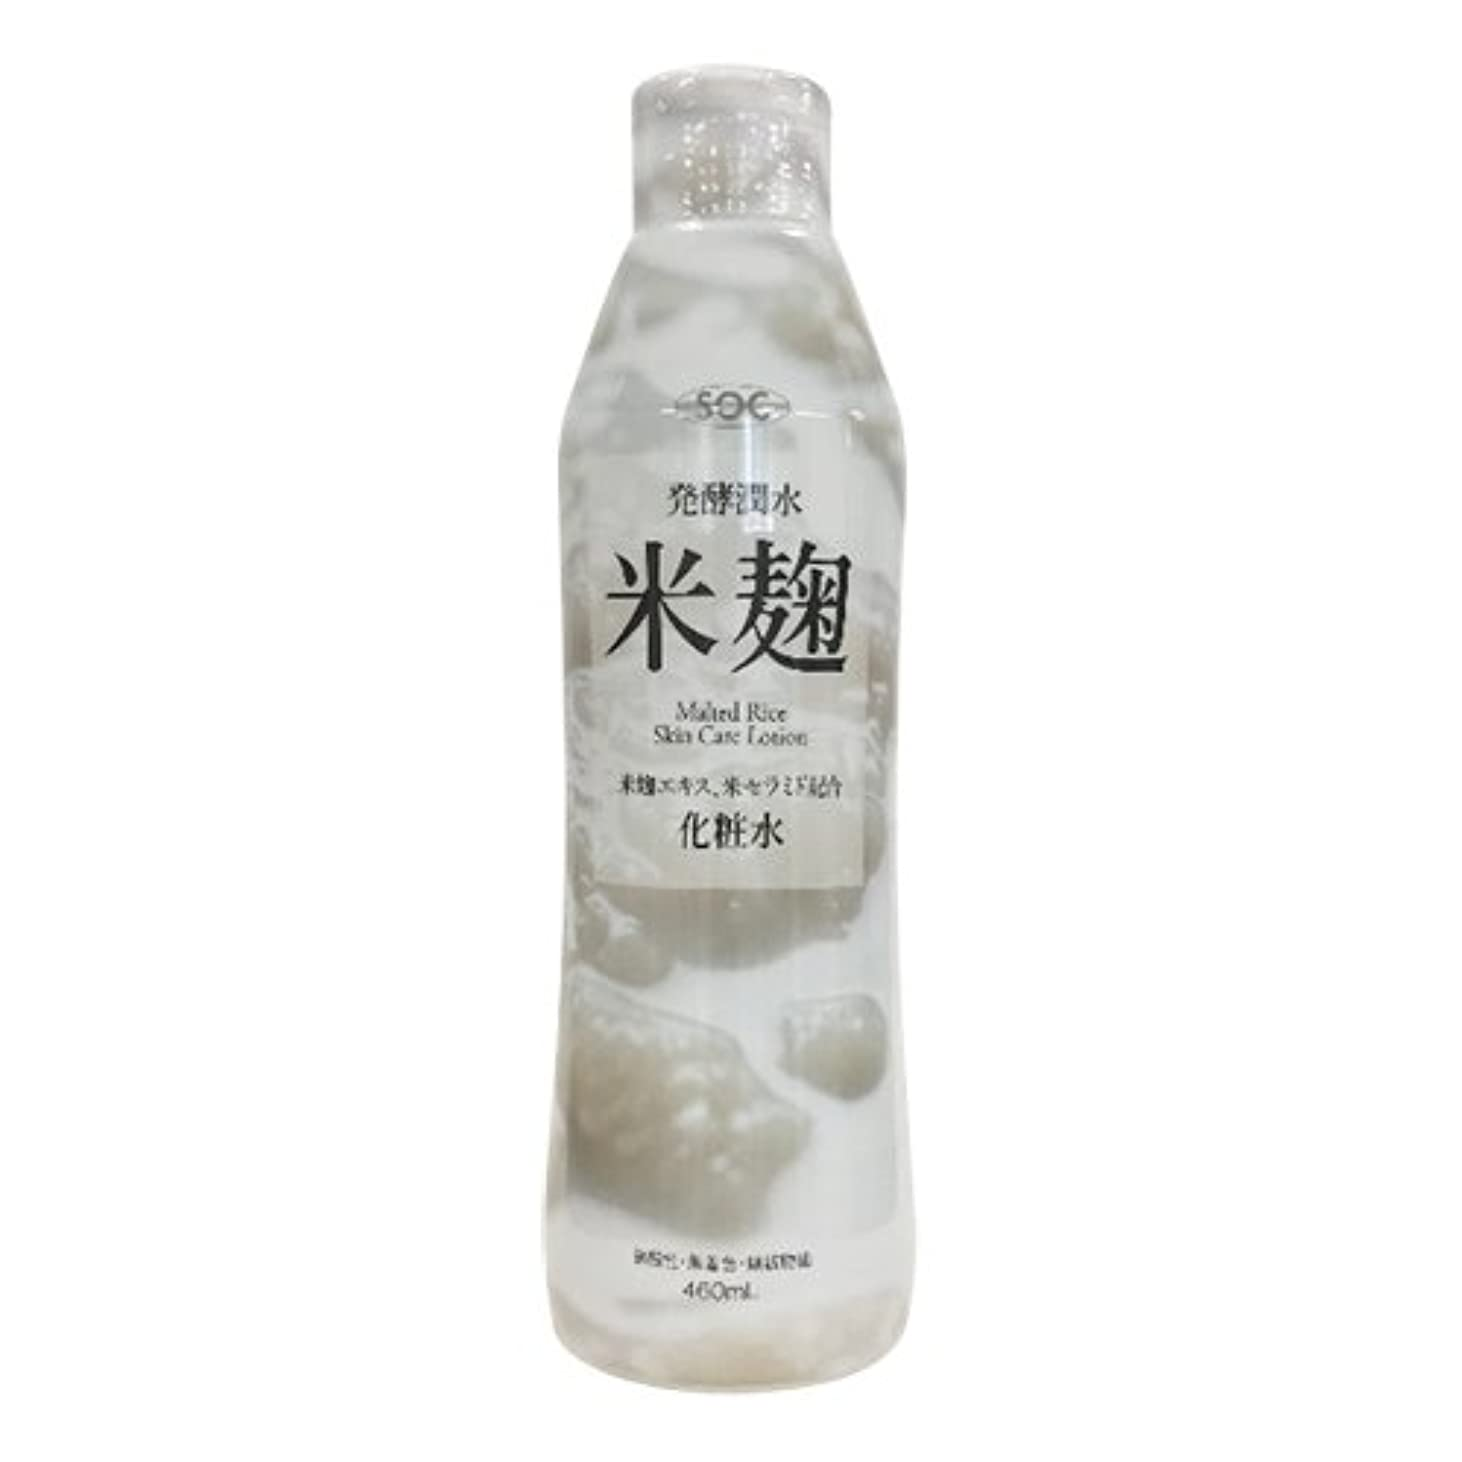 メナジェリー危険寄付SOC 米麹配合化粧水 (460mL)